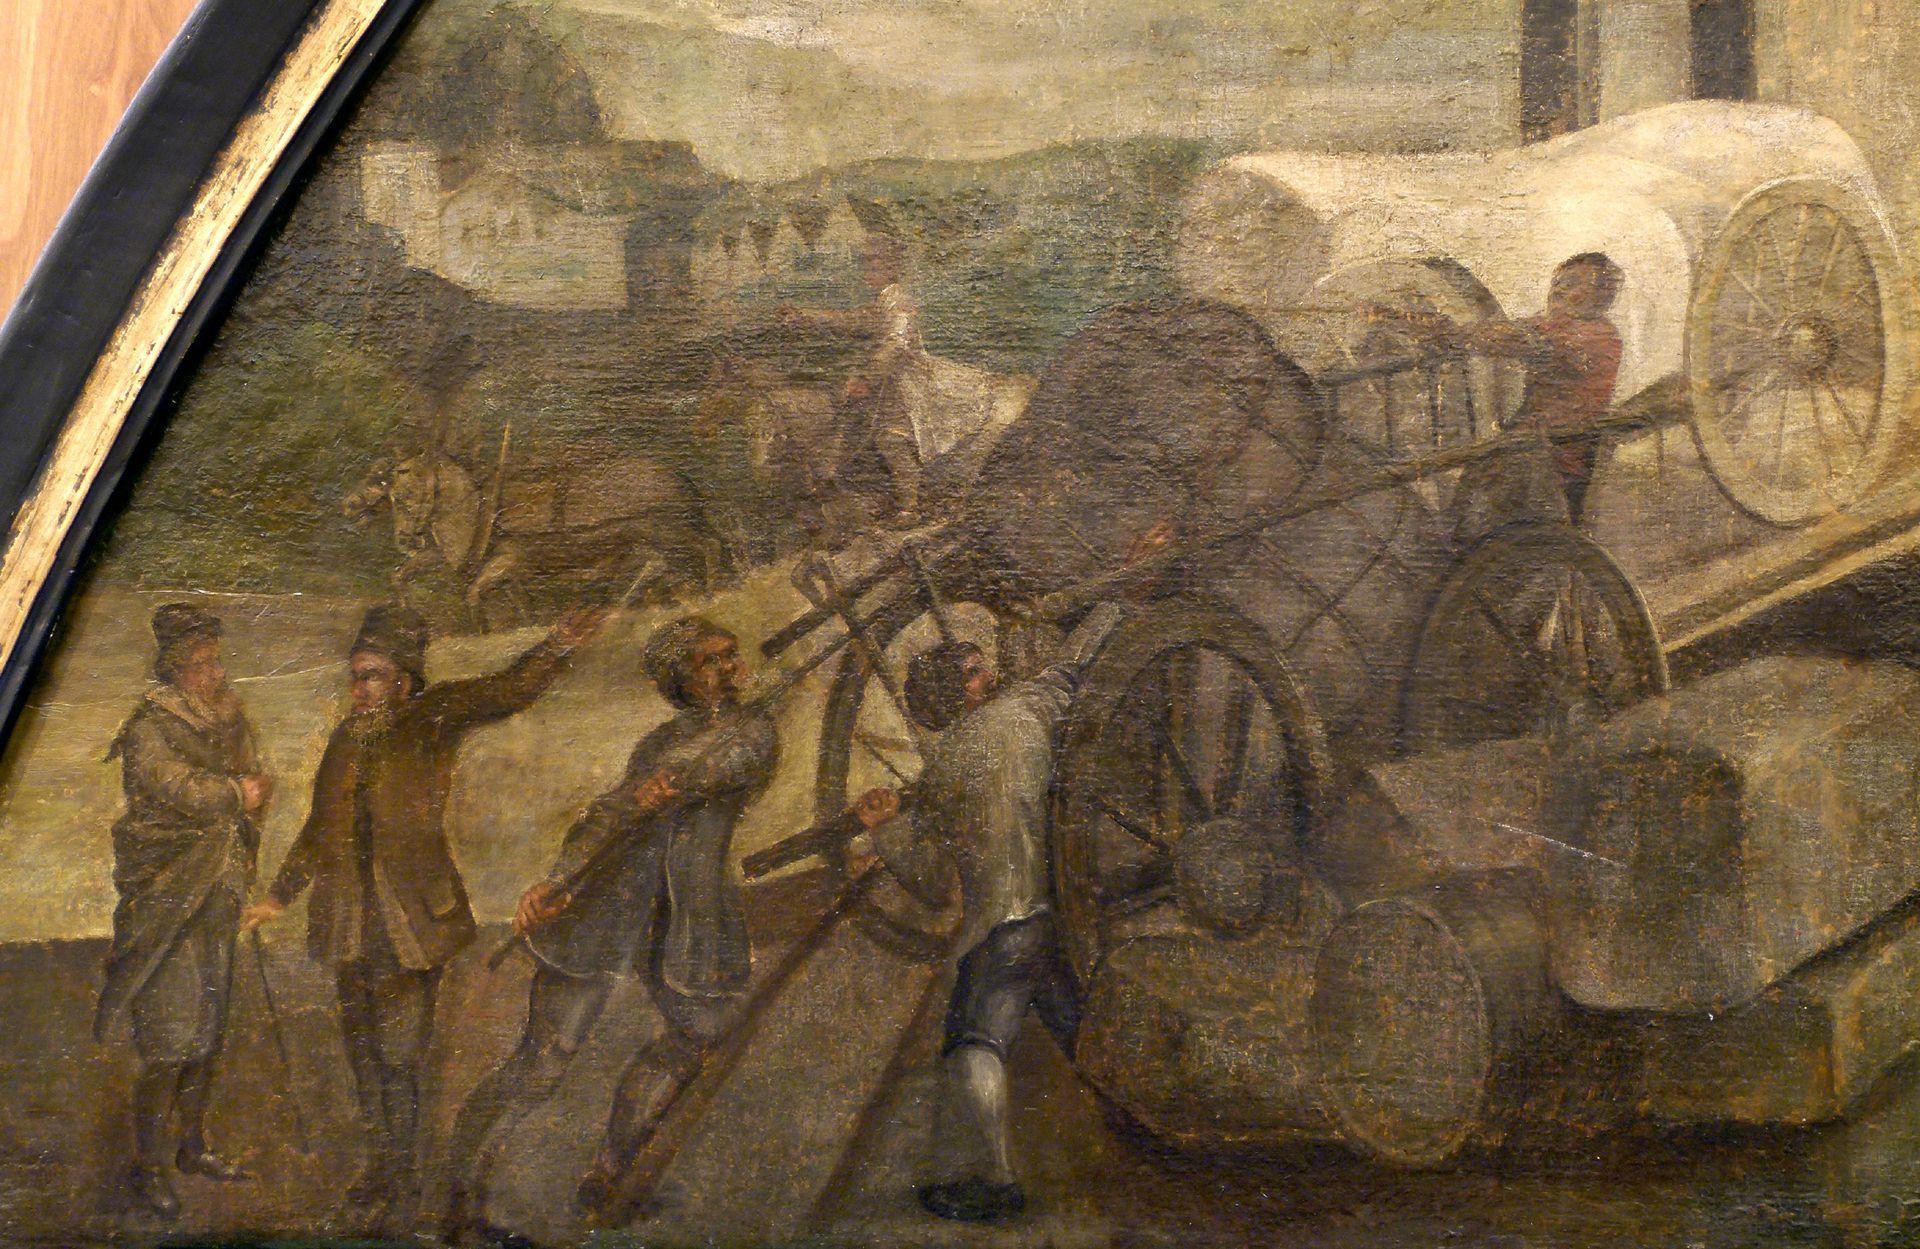 Bancoherren und Banchieri (gentlemen-bankers and banchieri) Left scene: Unloading a bale of goods